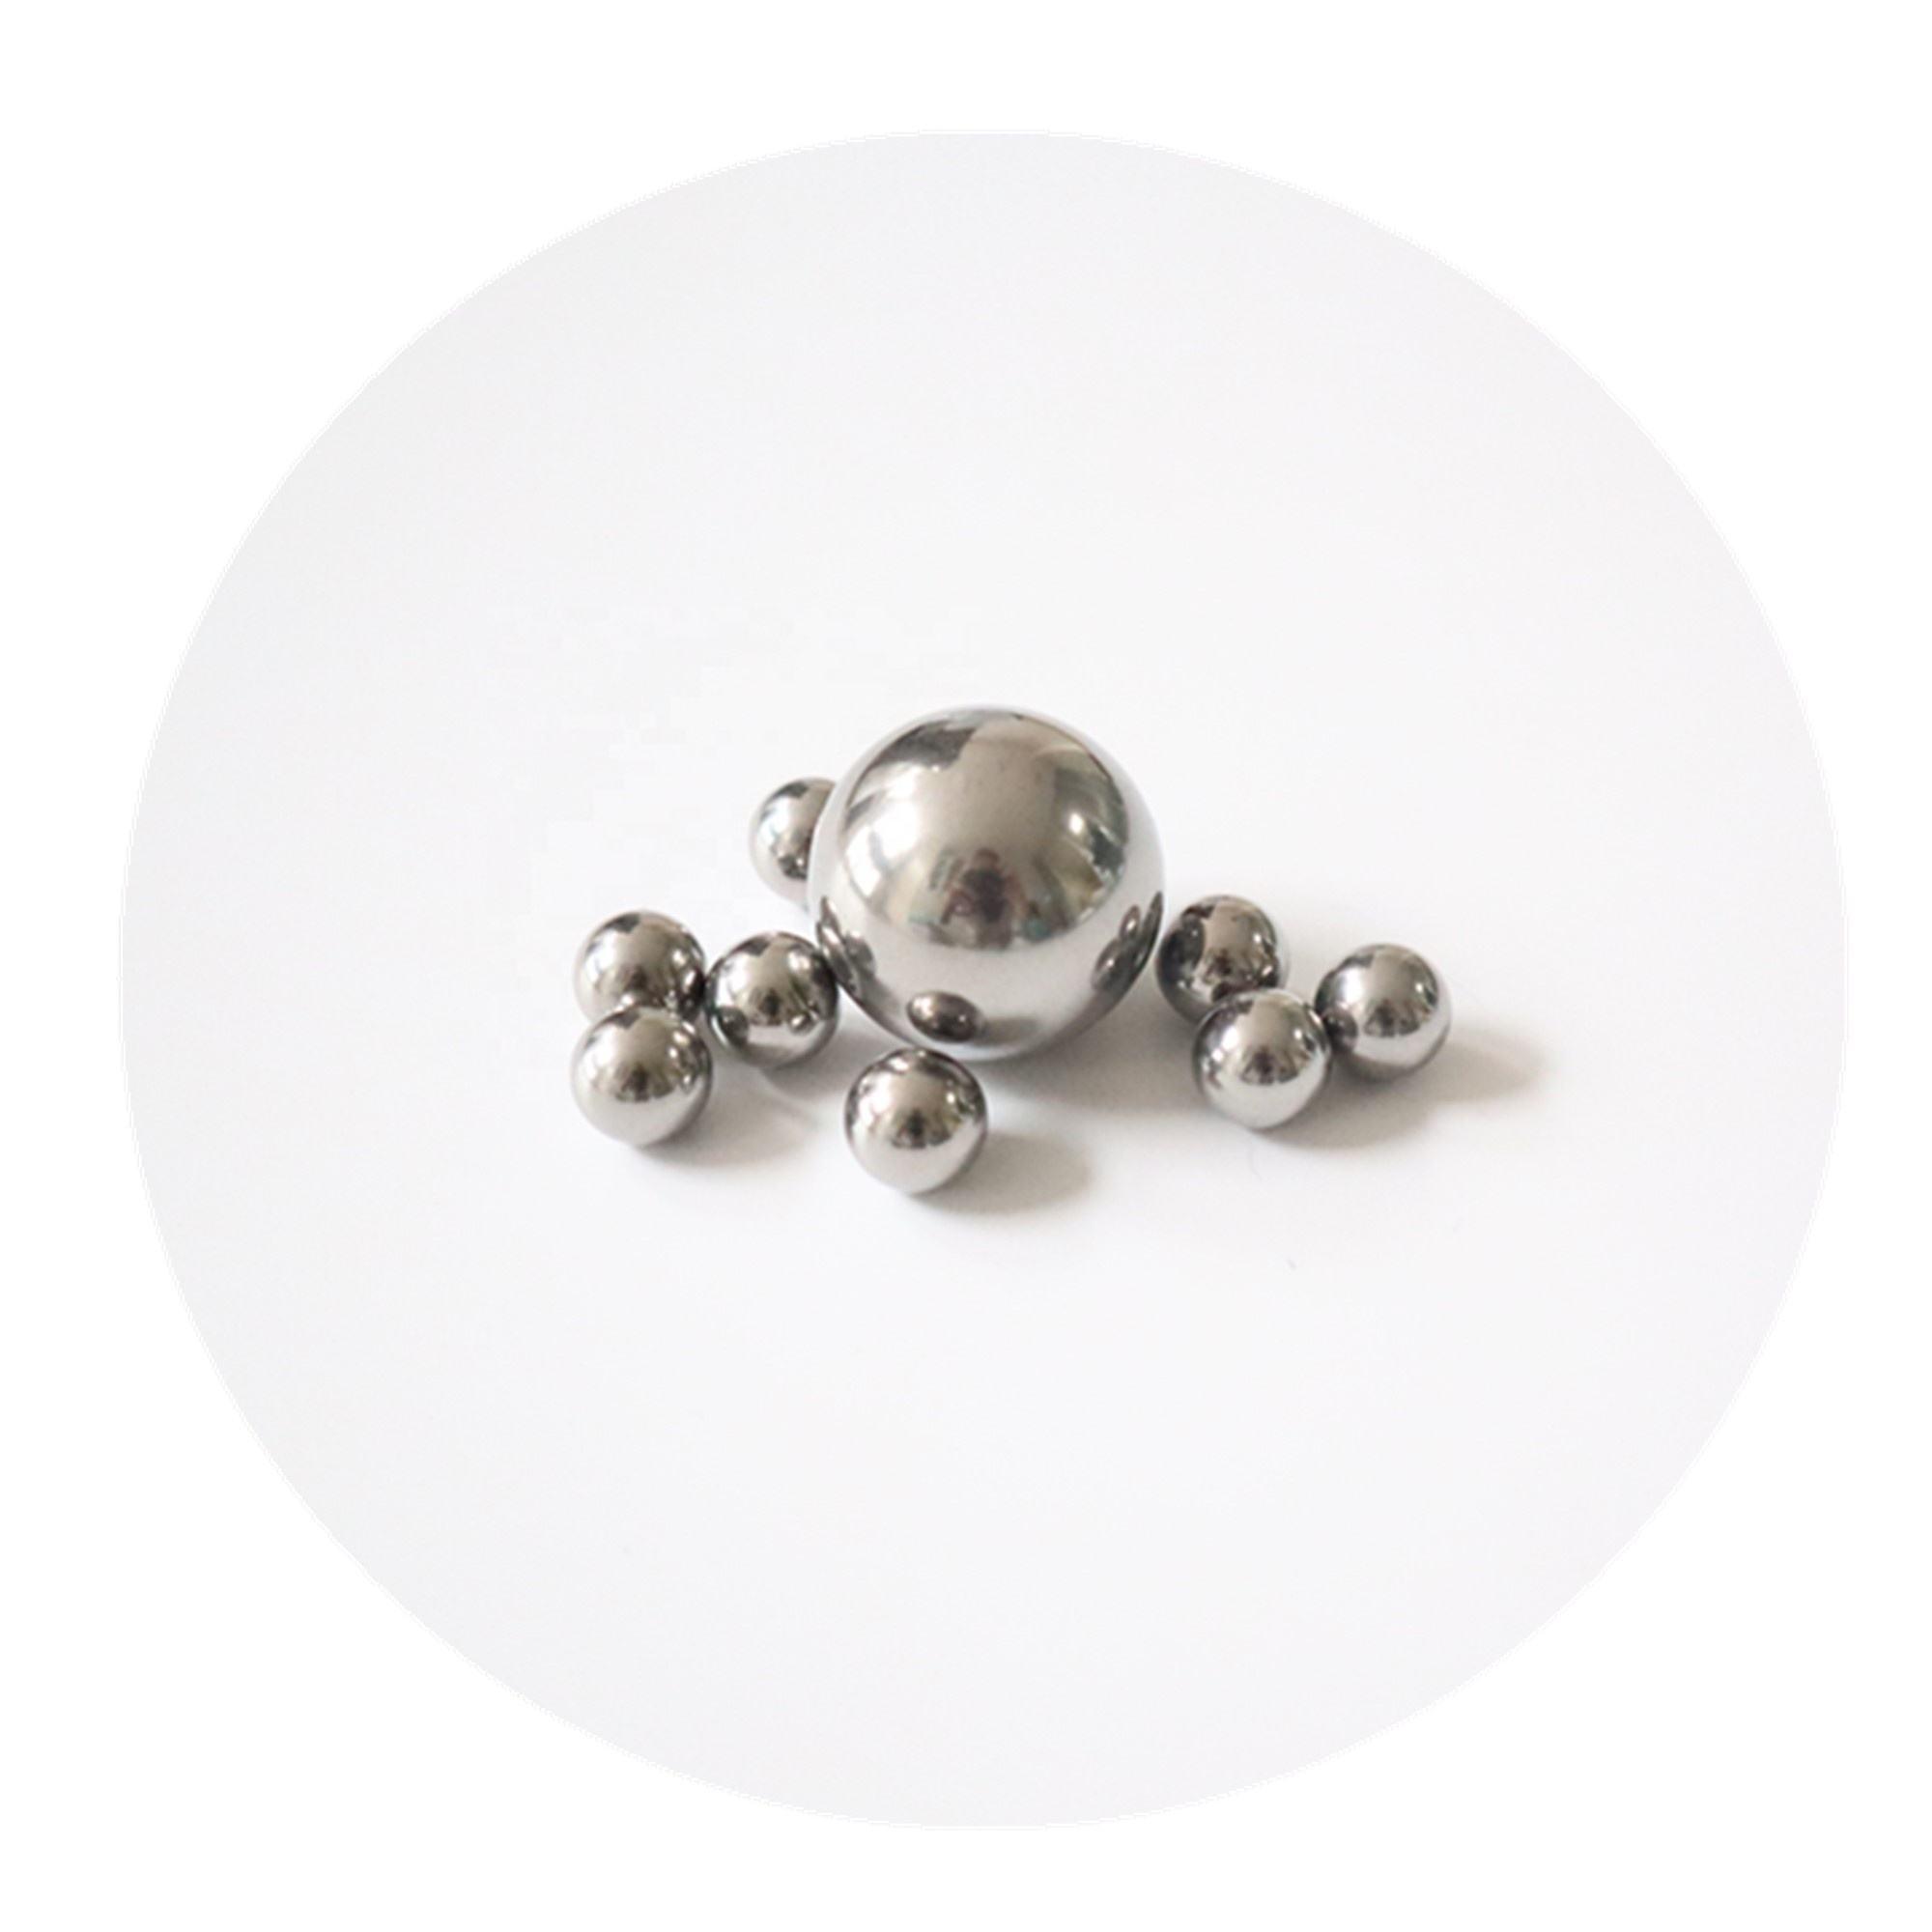 8mm 25 PCS 201 Stainless Steel Loose Bearing Balls G100 Bearings Ball